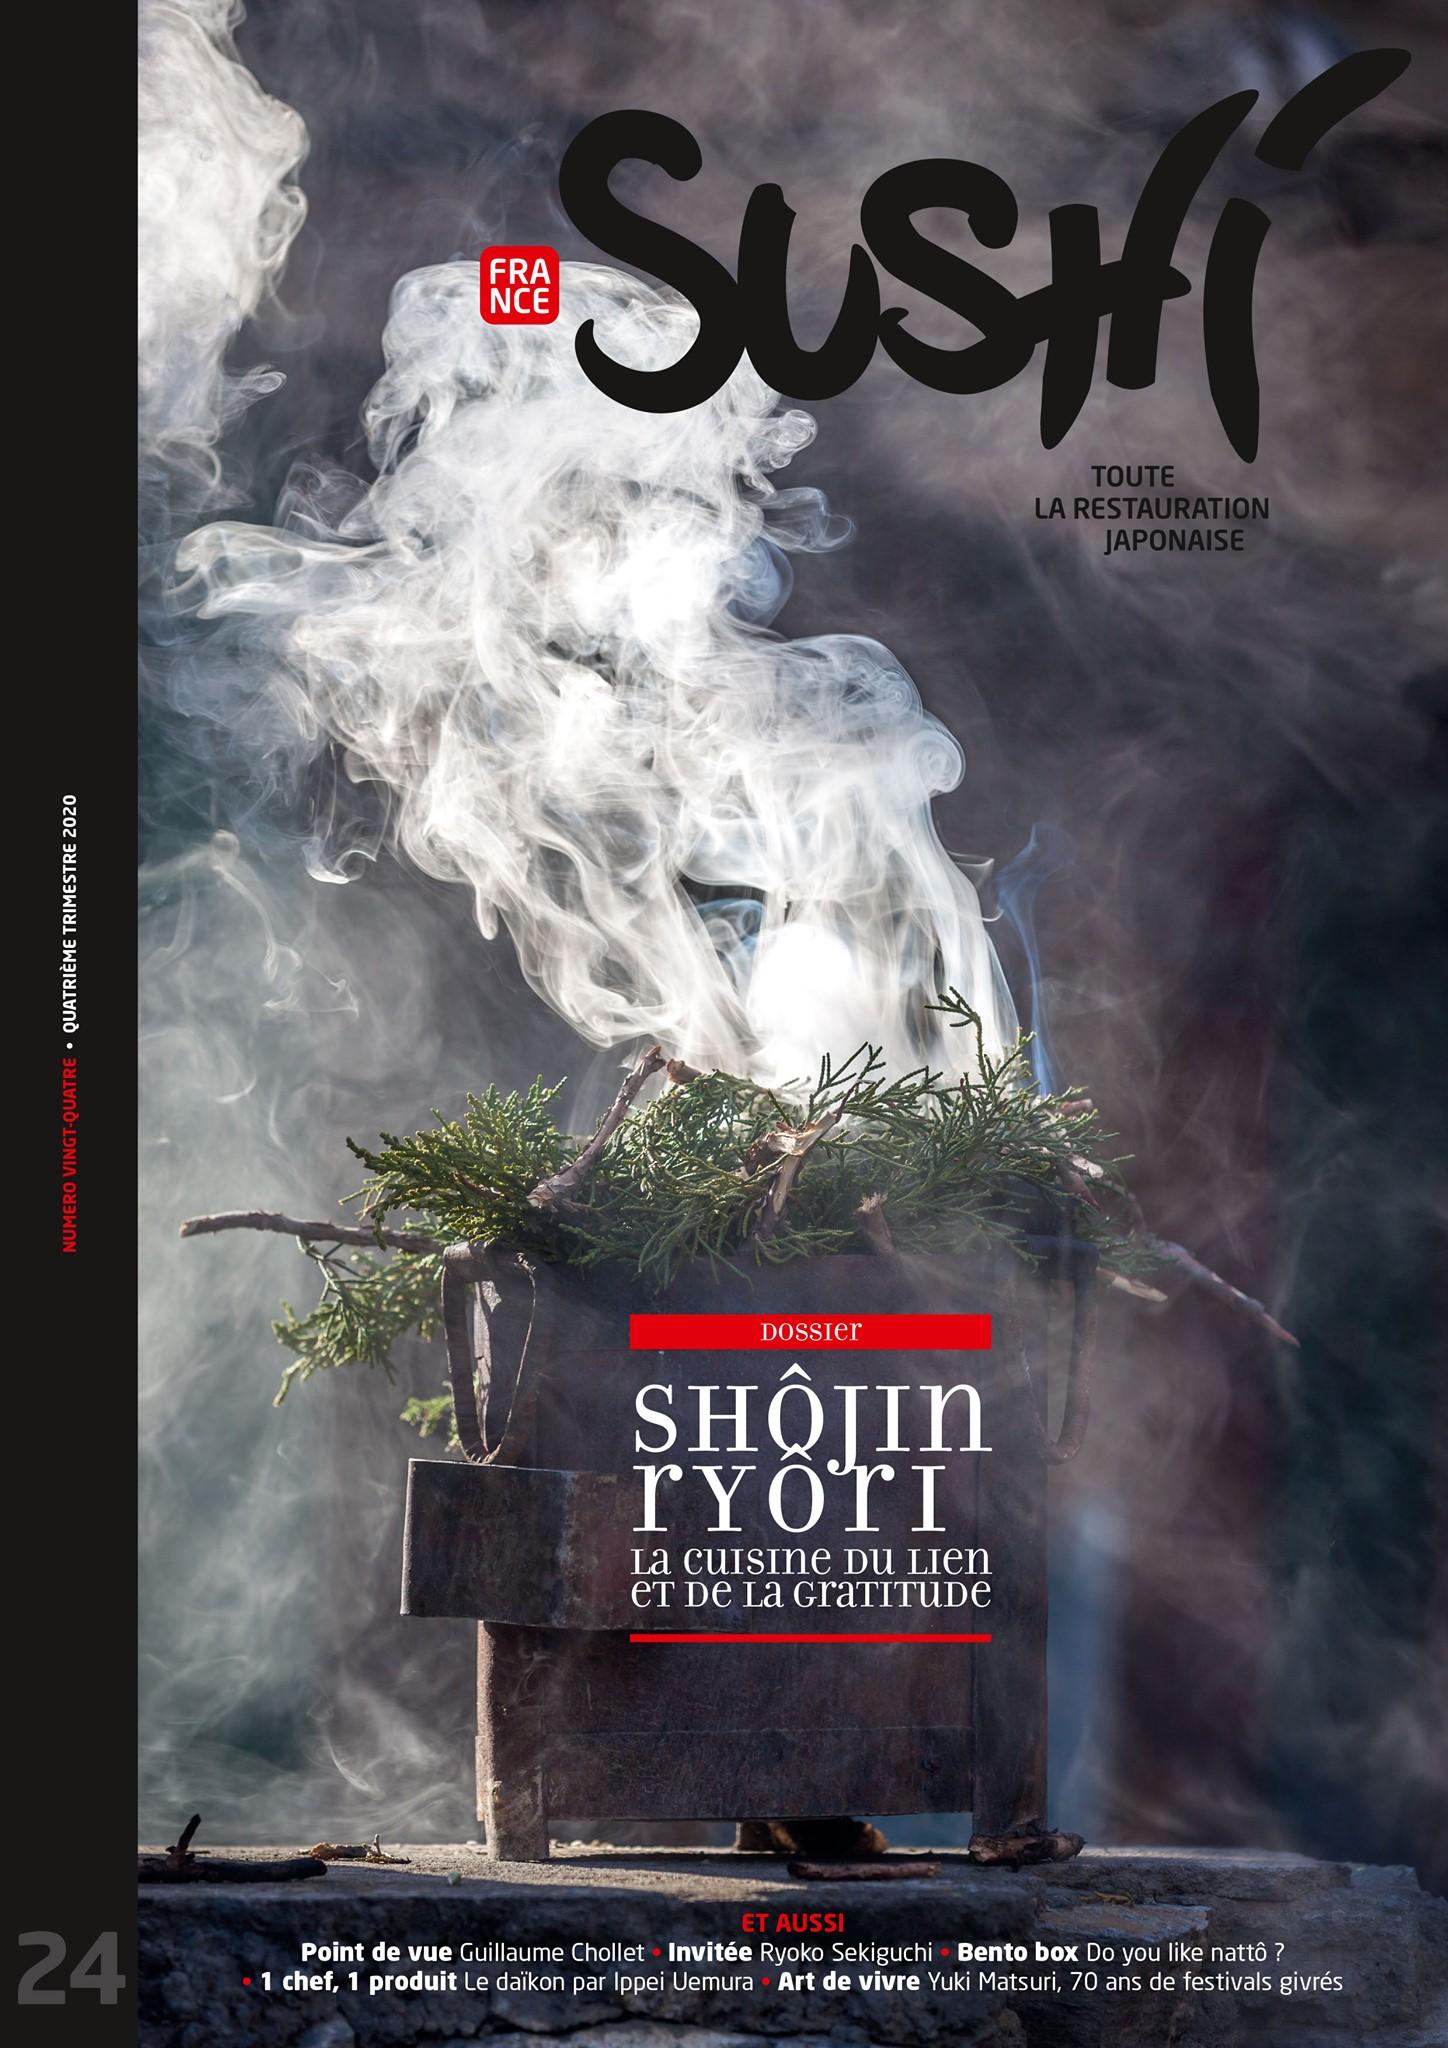 France Sushi édition 2020 décembre